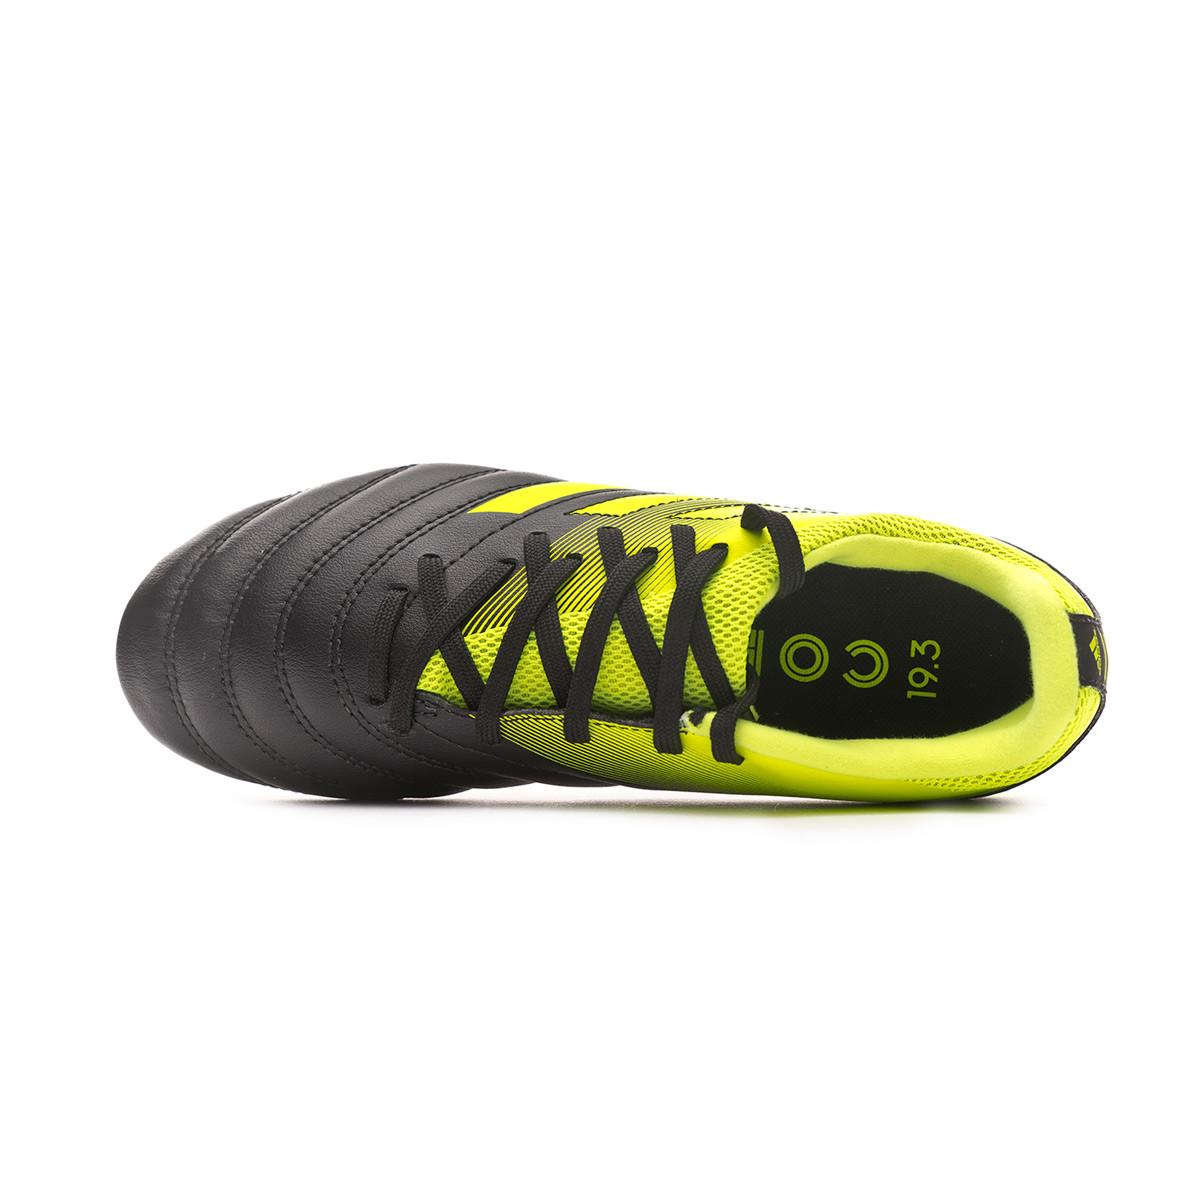 6c8b7380ac405 Zapatos de fútbol adidas Copa 19.3 FG Niño Core black-Solar yellow - Tienda  de fútbol Fútbol Emotion